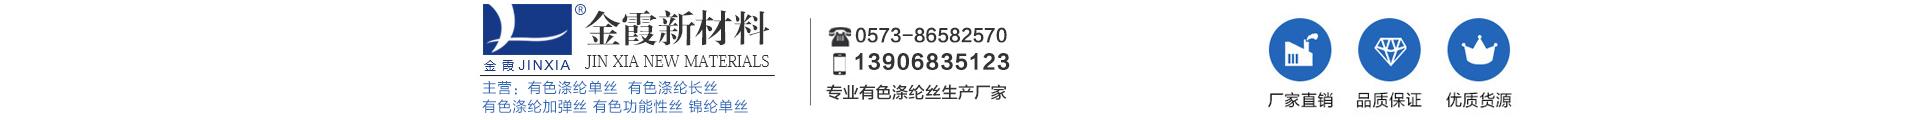 浙江金霞新材料科技有限金祥彩票注册